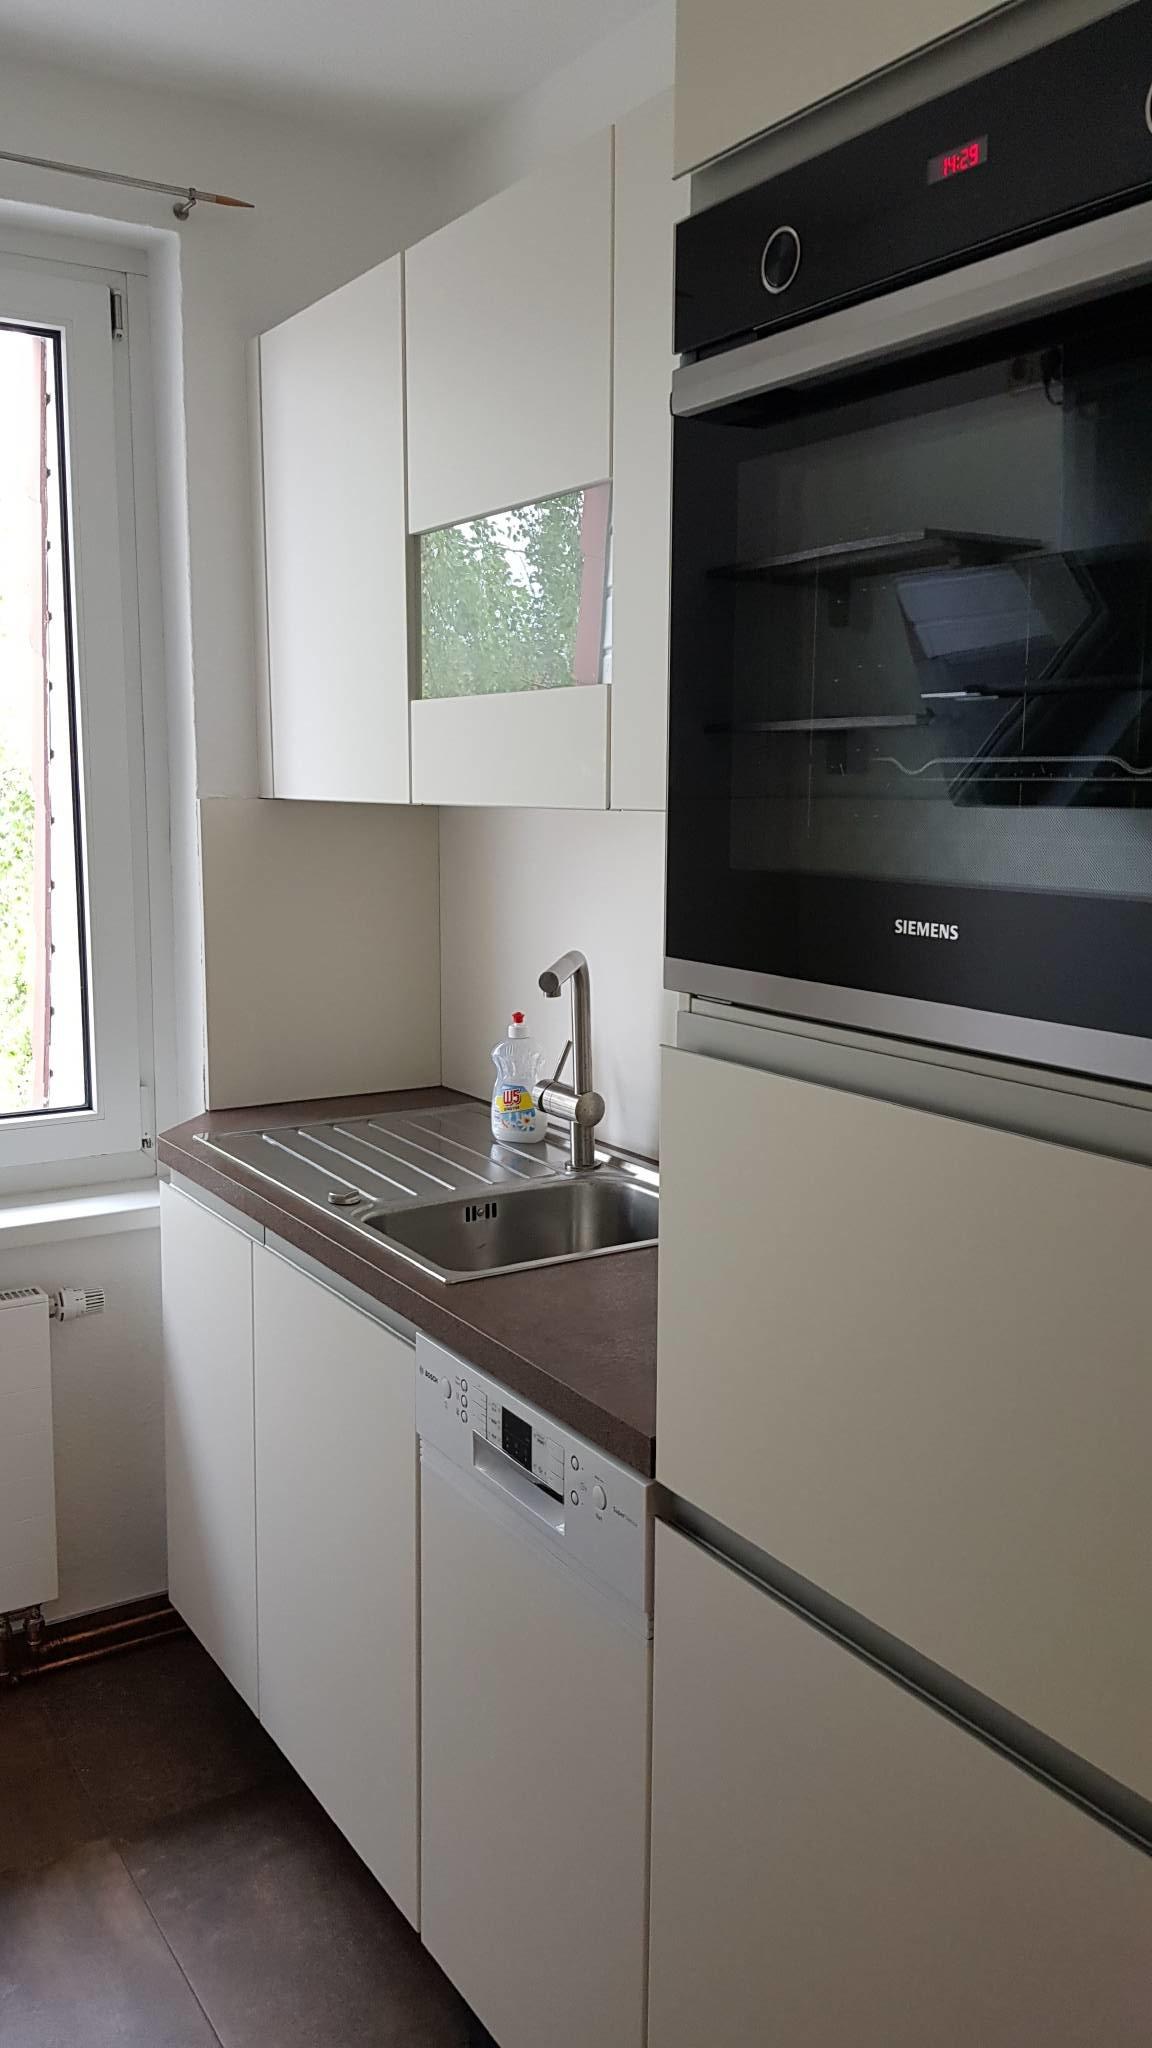 Blick in die separate Küche